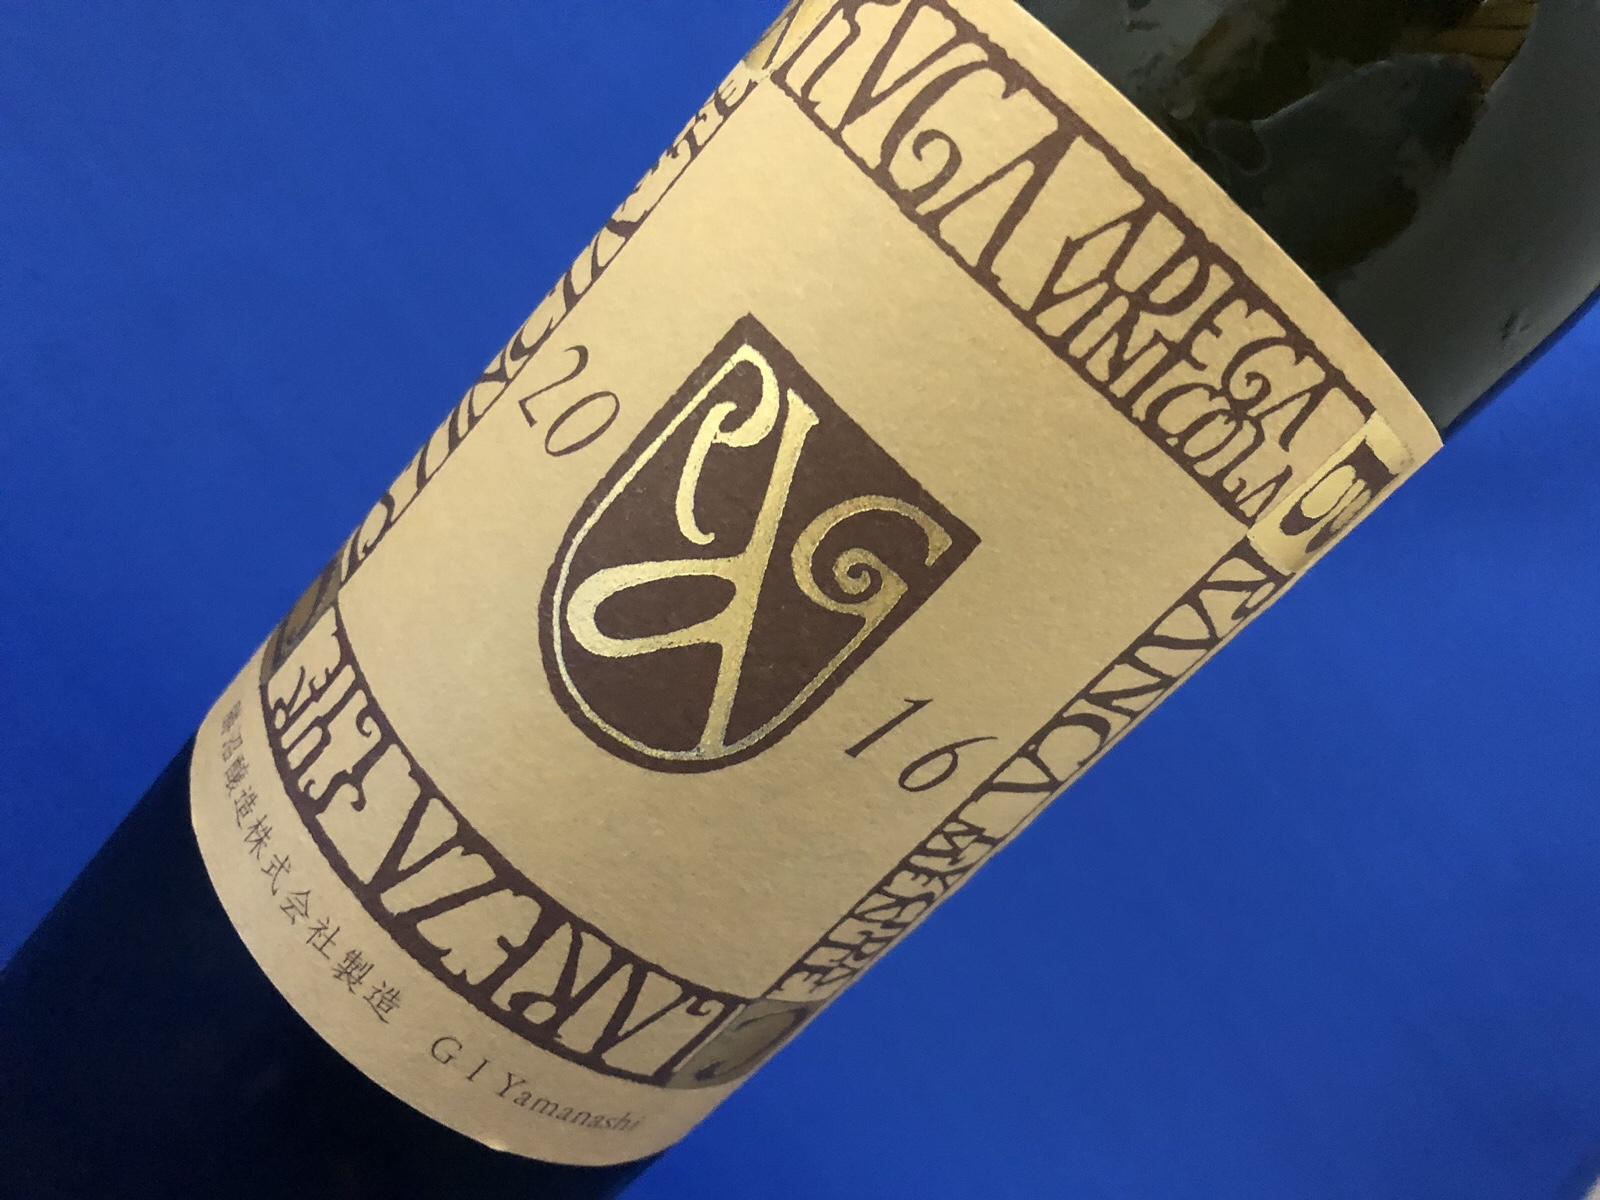 限りなく透明な白!ザ・日本ワイン「アルガブランカクラレーザ」